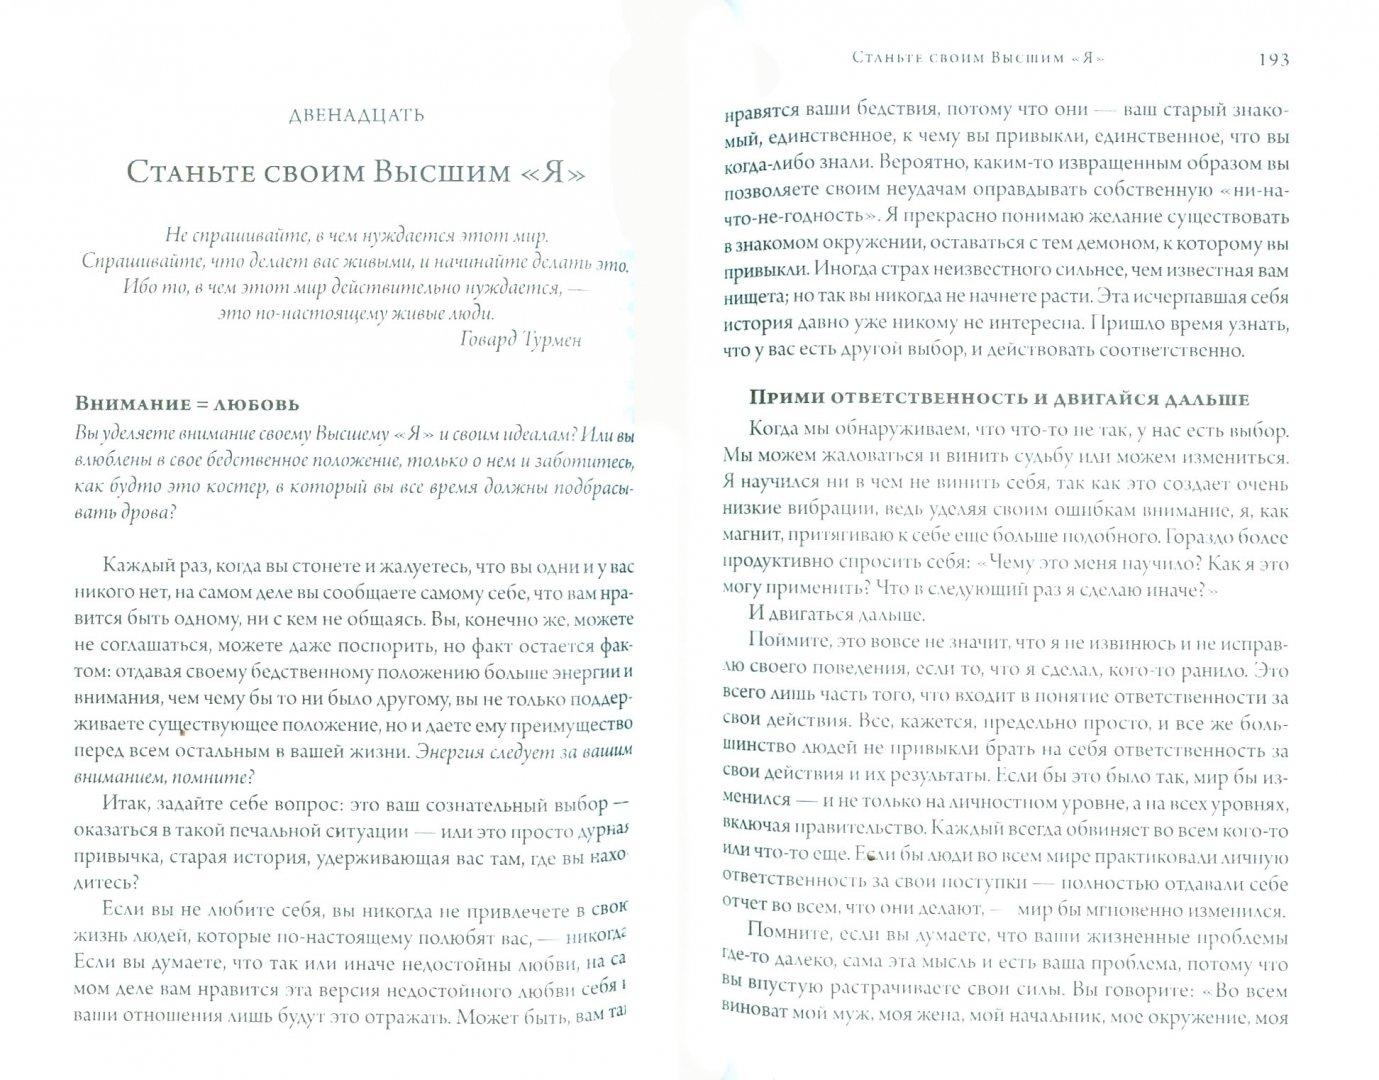 Иллюстрация 1 из 2 для Гармоничное Богатство: Секрет достижения истинного благополучия, успеха и благосостояния - Джеймс Рэй | Лабиринт - книги. Источник: Лабиринт